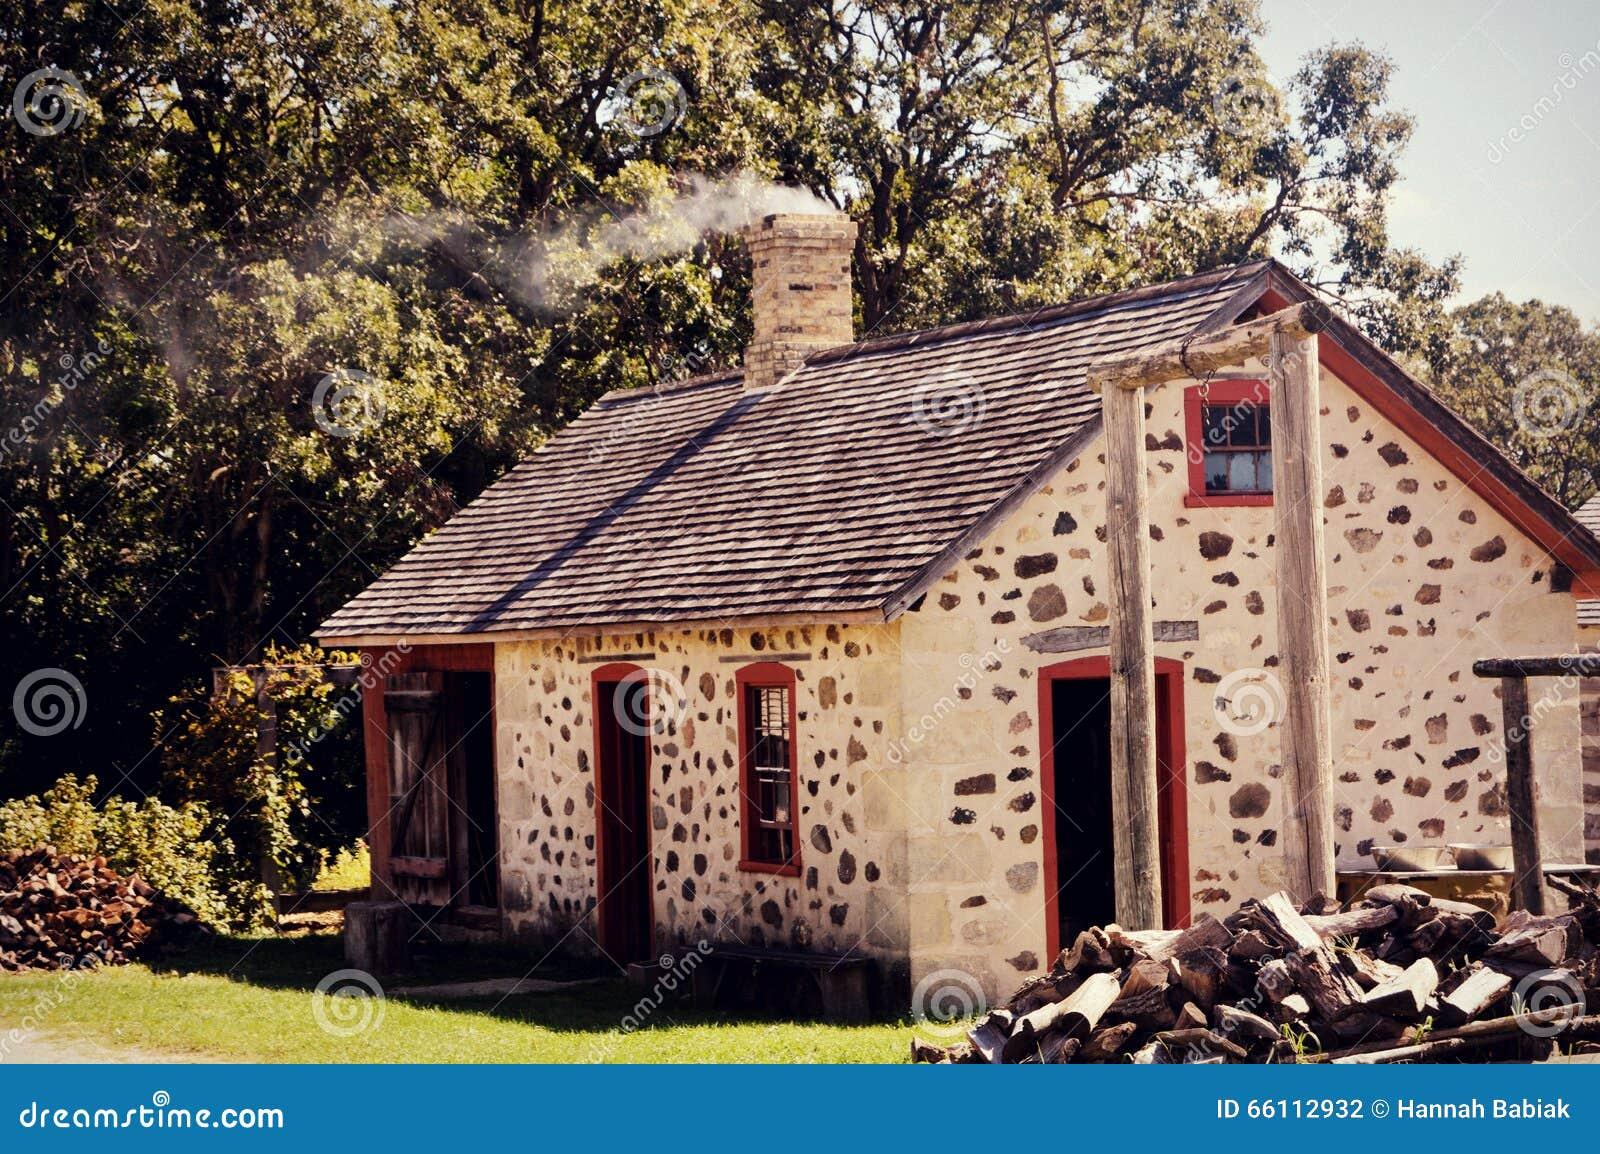 Vintage House Chimney Smoke Stock Photo Image 66112932